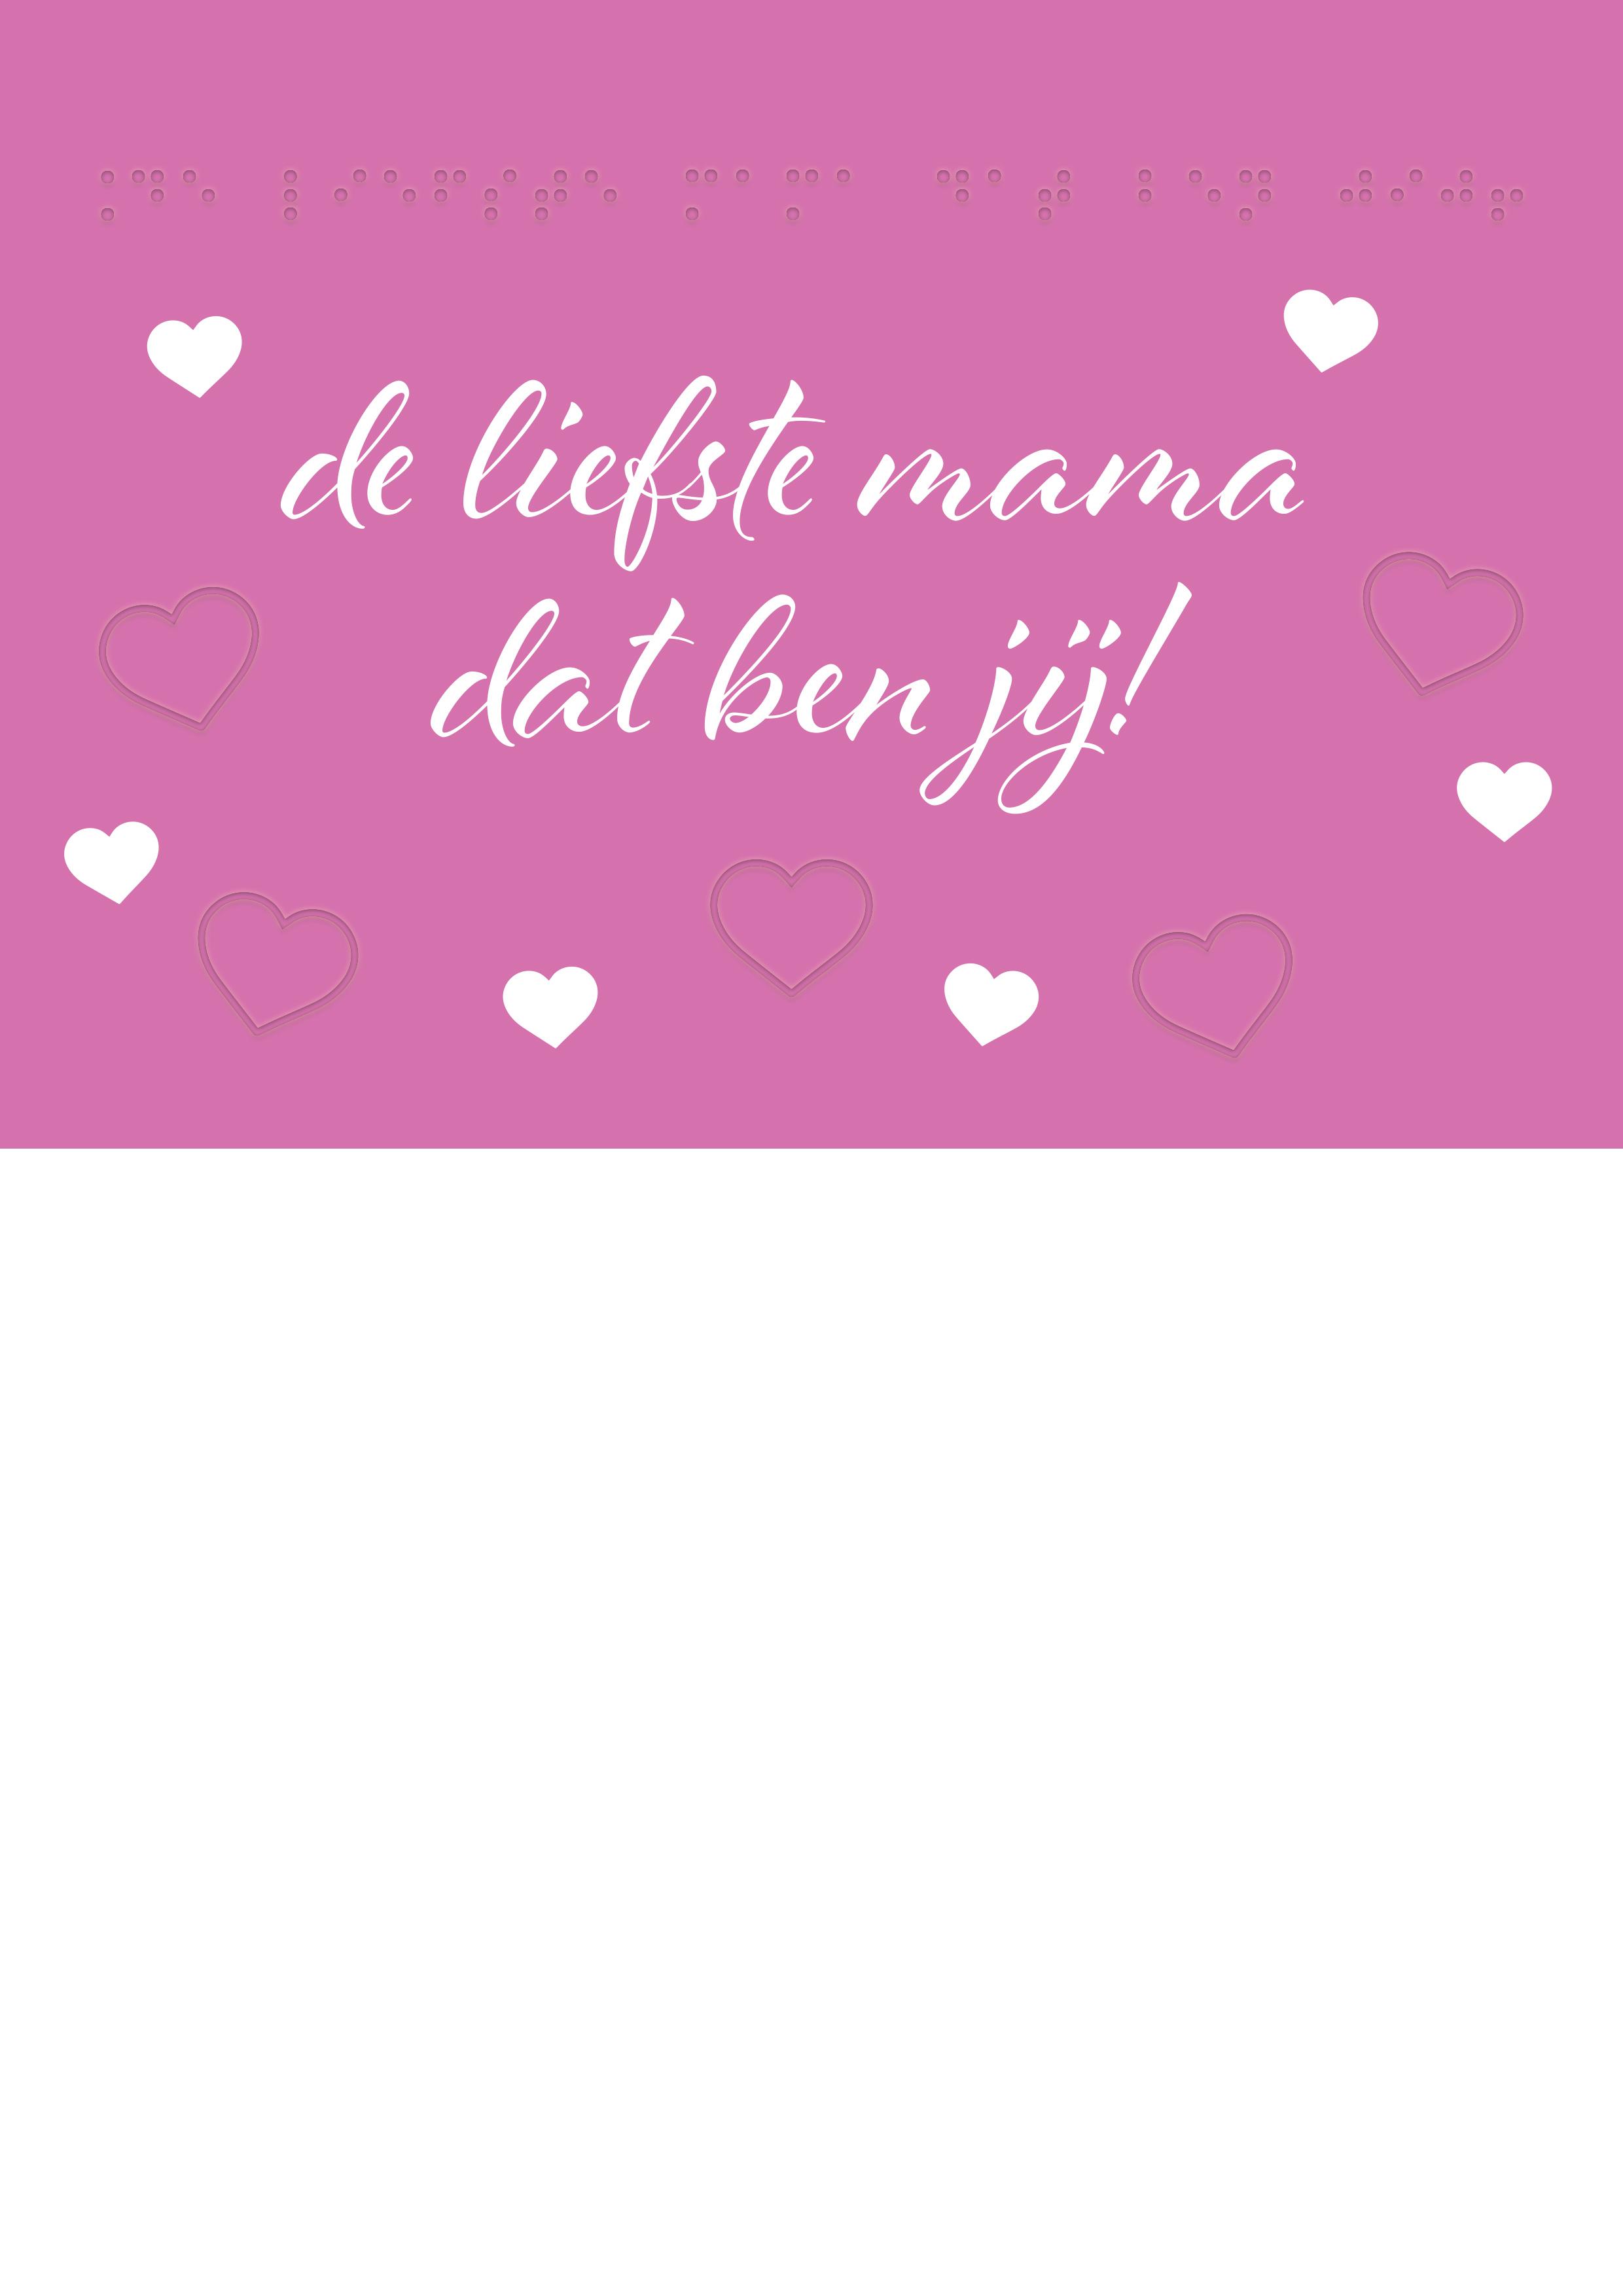 Voelbare wenskaart met braille en reliëf. In braille de tekst: de liefste mama dat ben jij! Met voelbare afbeeldingen van hartjes.